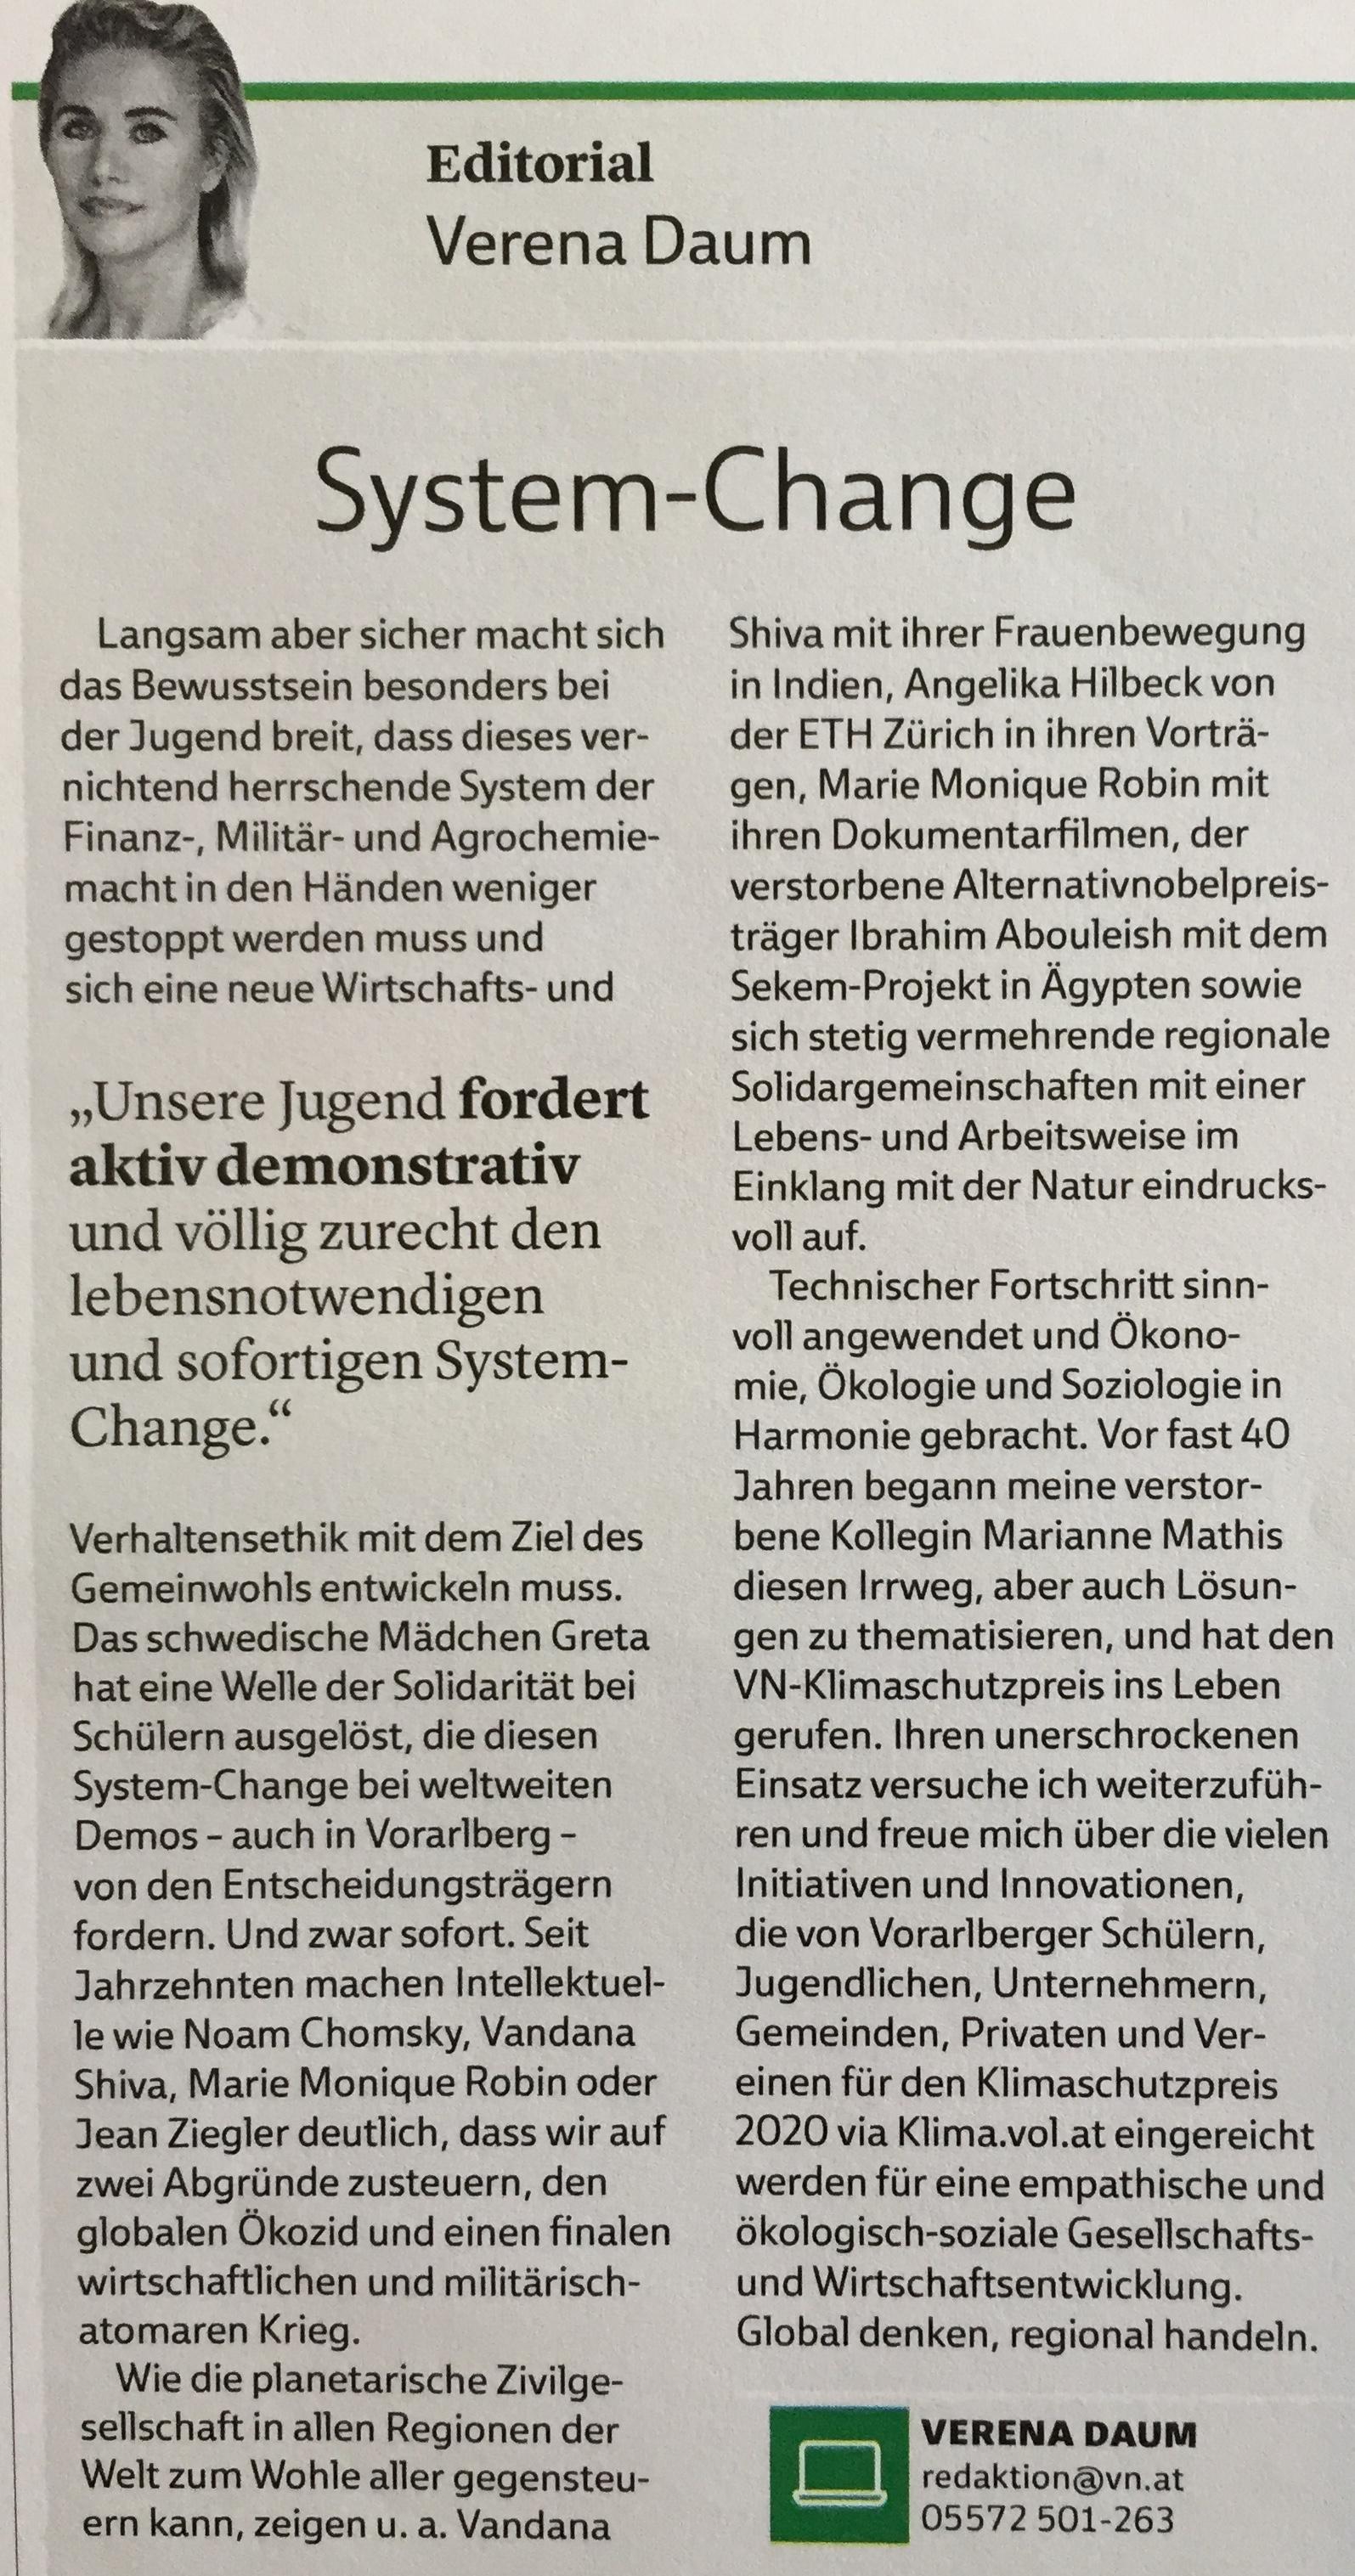 """""""our youth want's system change now"""" editorial by Verena Daum in the magazine """"VN-Klimaschutzpreis 2020"""" of Vorarlberger Nachrichten, www.progression.at, www.garden-eden.org"""